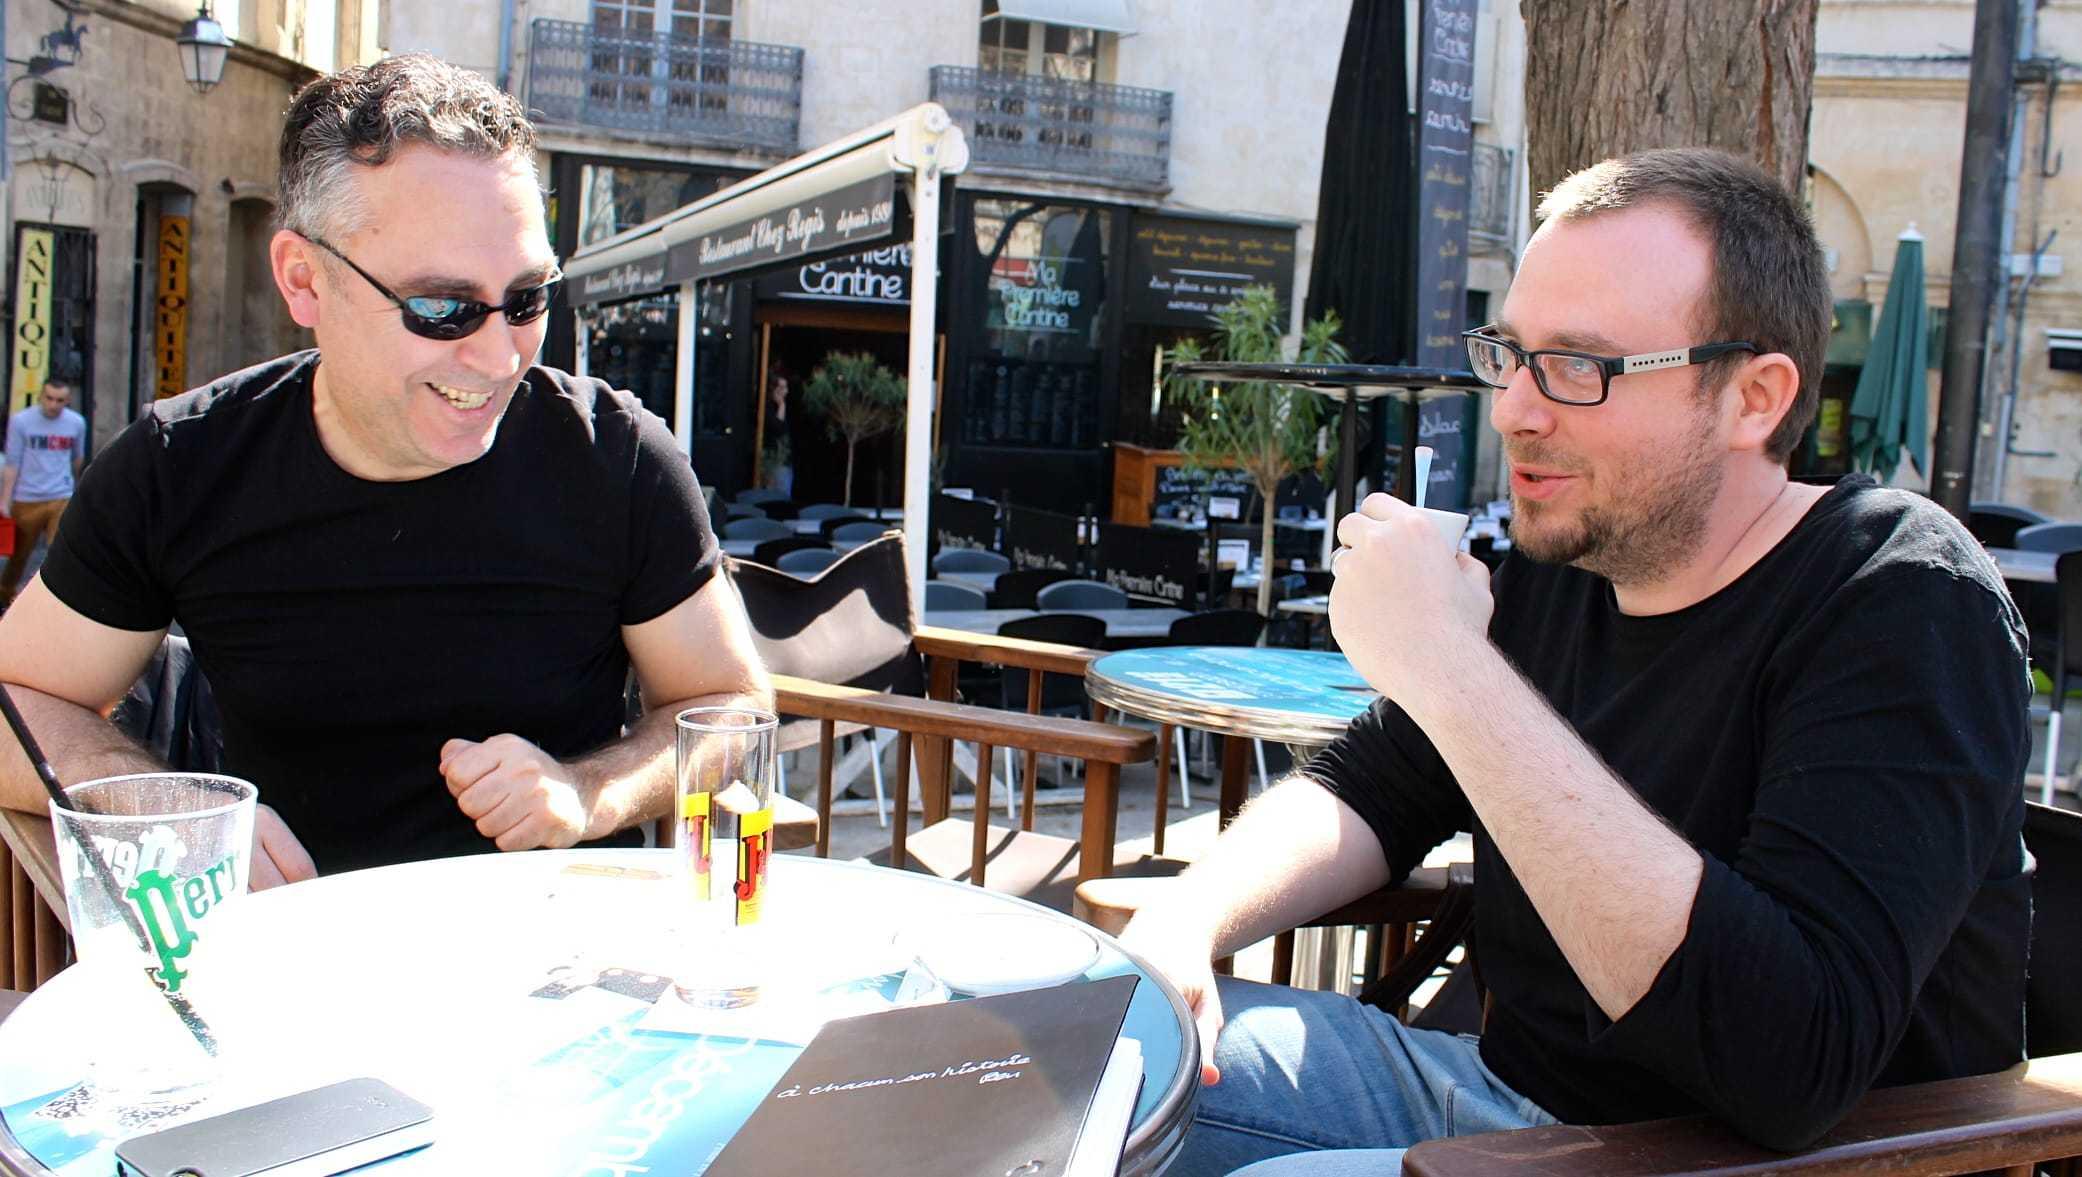 Jim et Grelin avec Nhieu chez Planètes Interdites à Montpellier le 11 mai